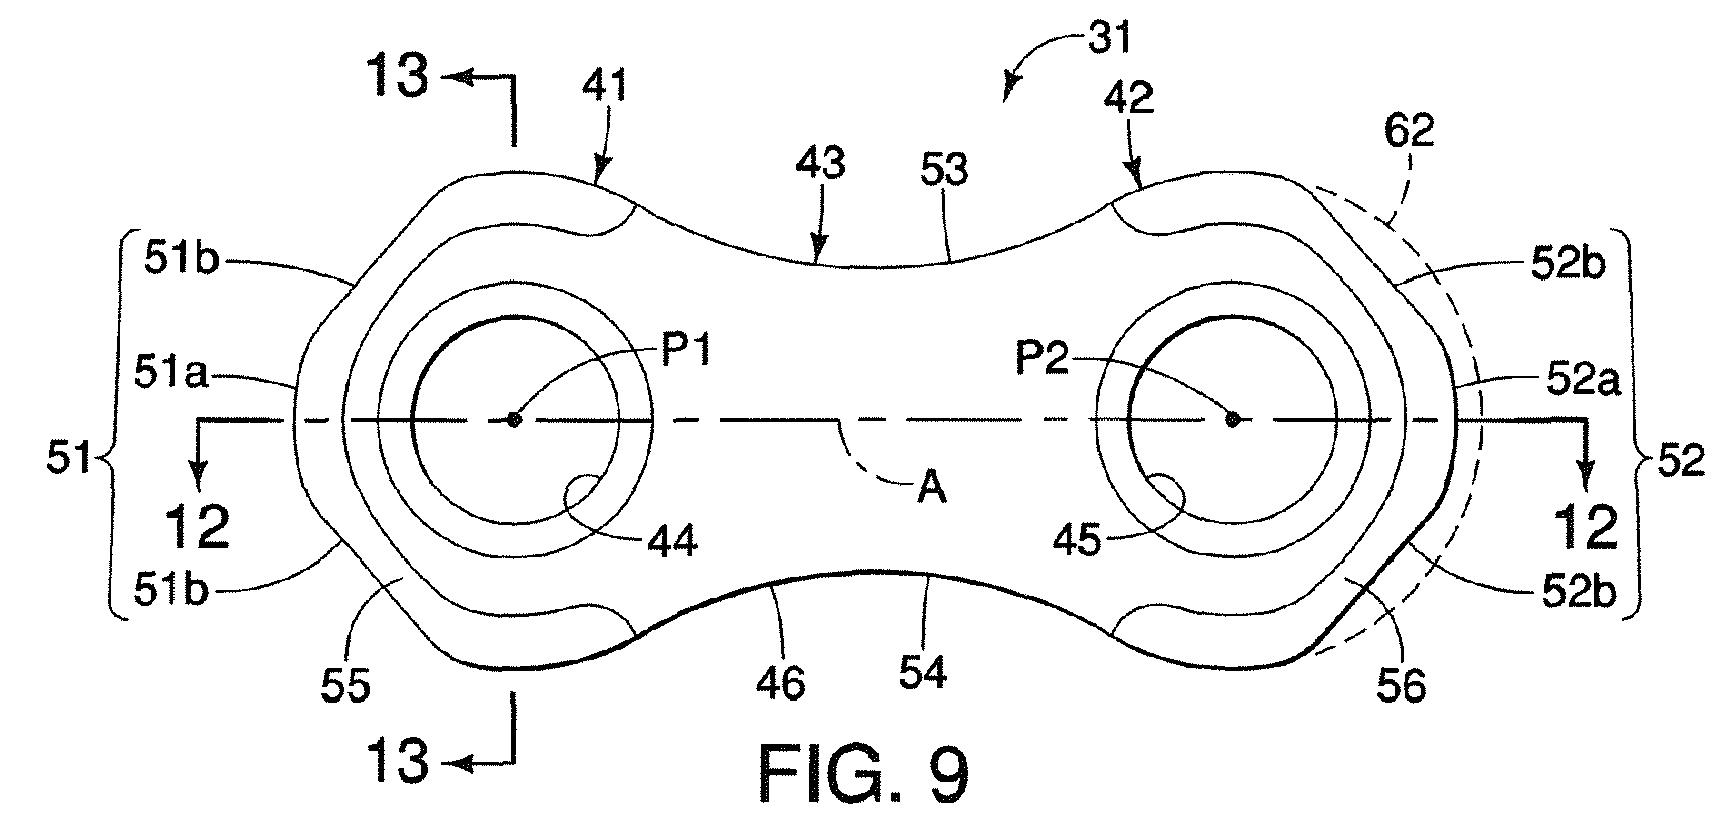 Diagrama de la patente (EP2339207 A1) de Shimano para las cadenas de sistema indexado. Nótese que el eslabón no es curvo (línea punteada con el No. 62) y las rampas.